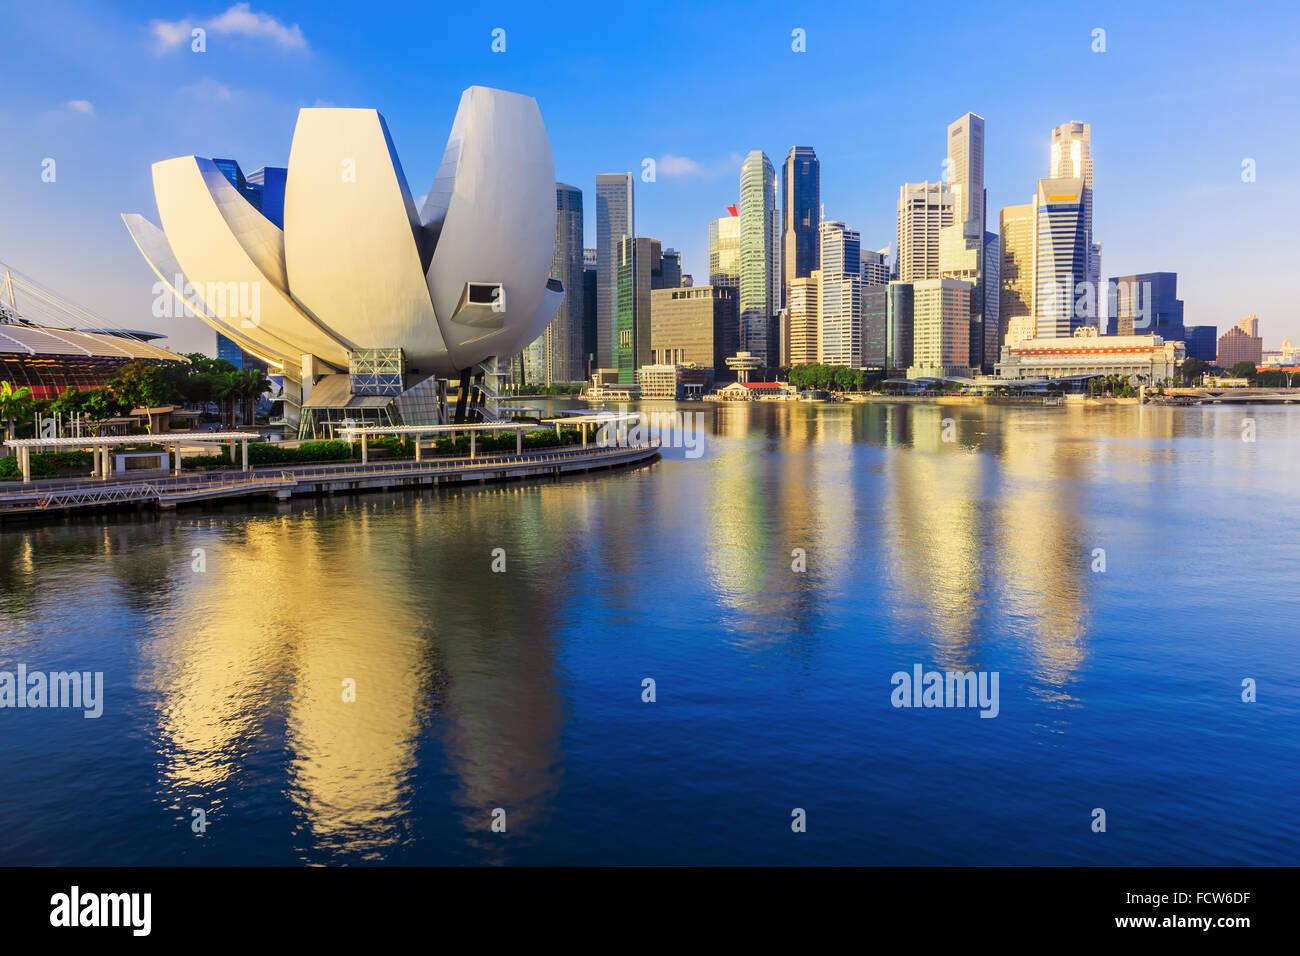 La città di Singapore, Singapore. Marina Bay e lo skyline. Immagini Stock